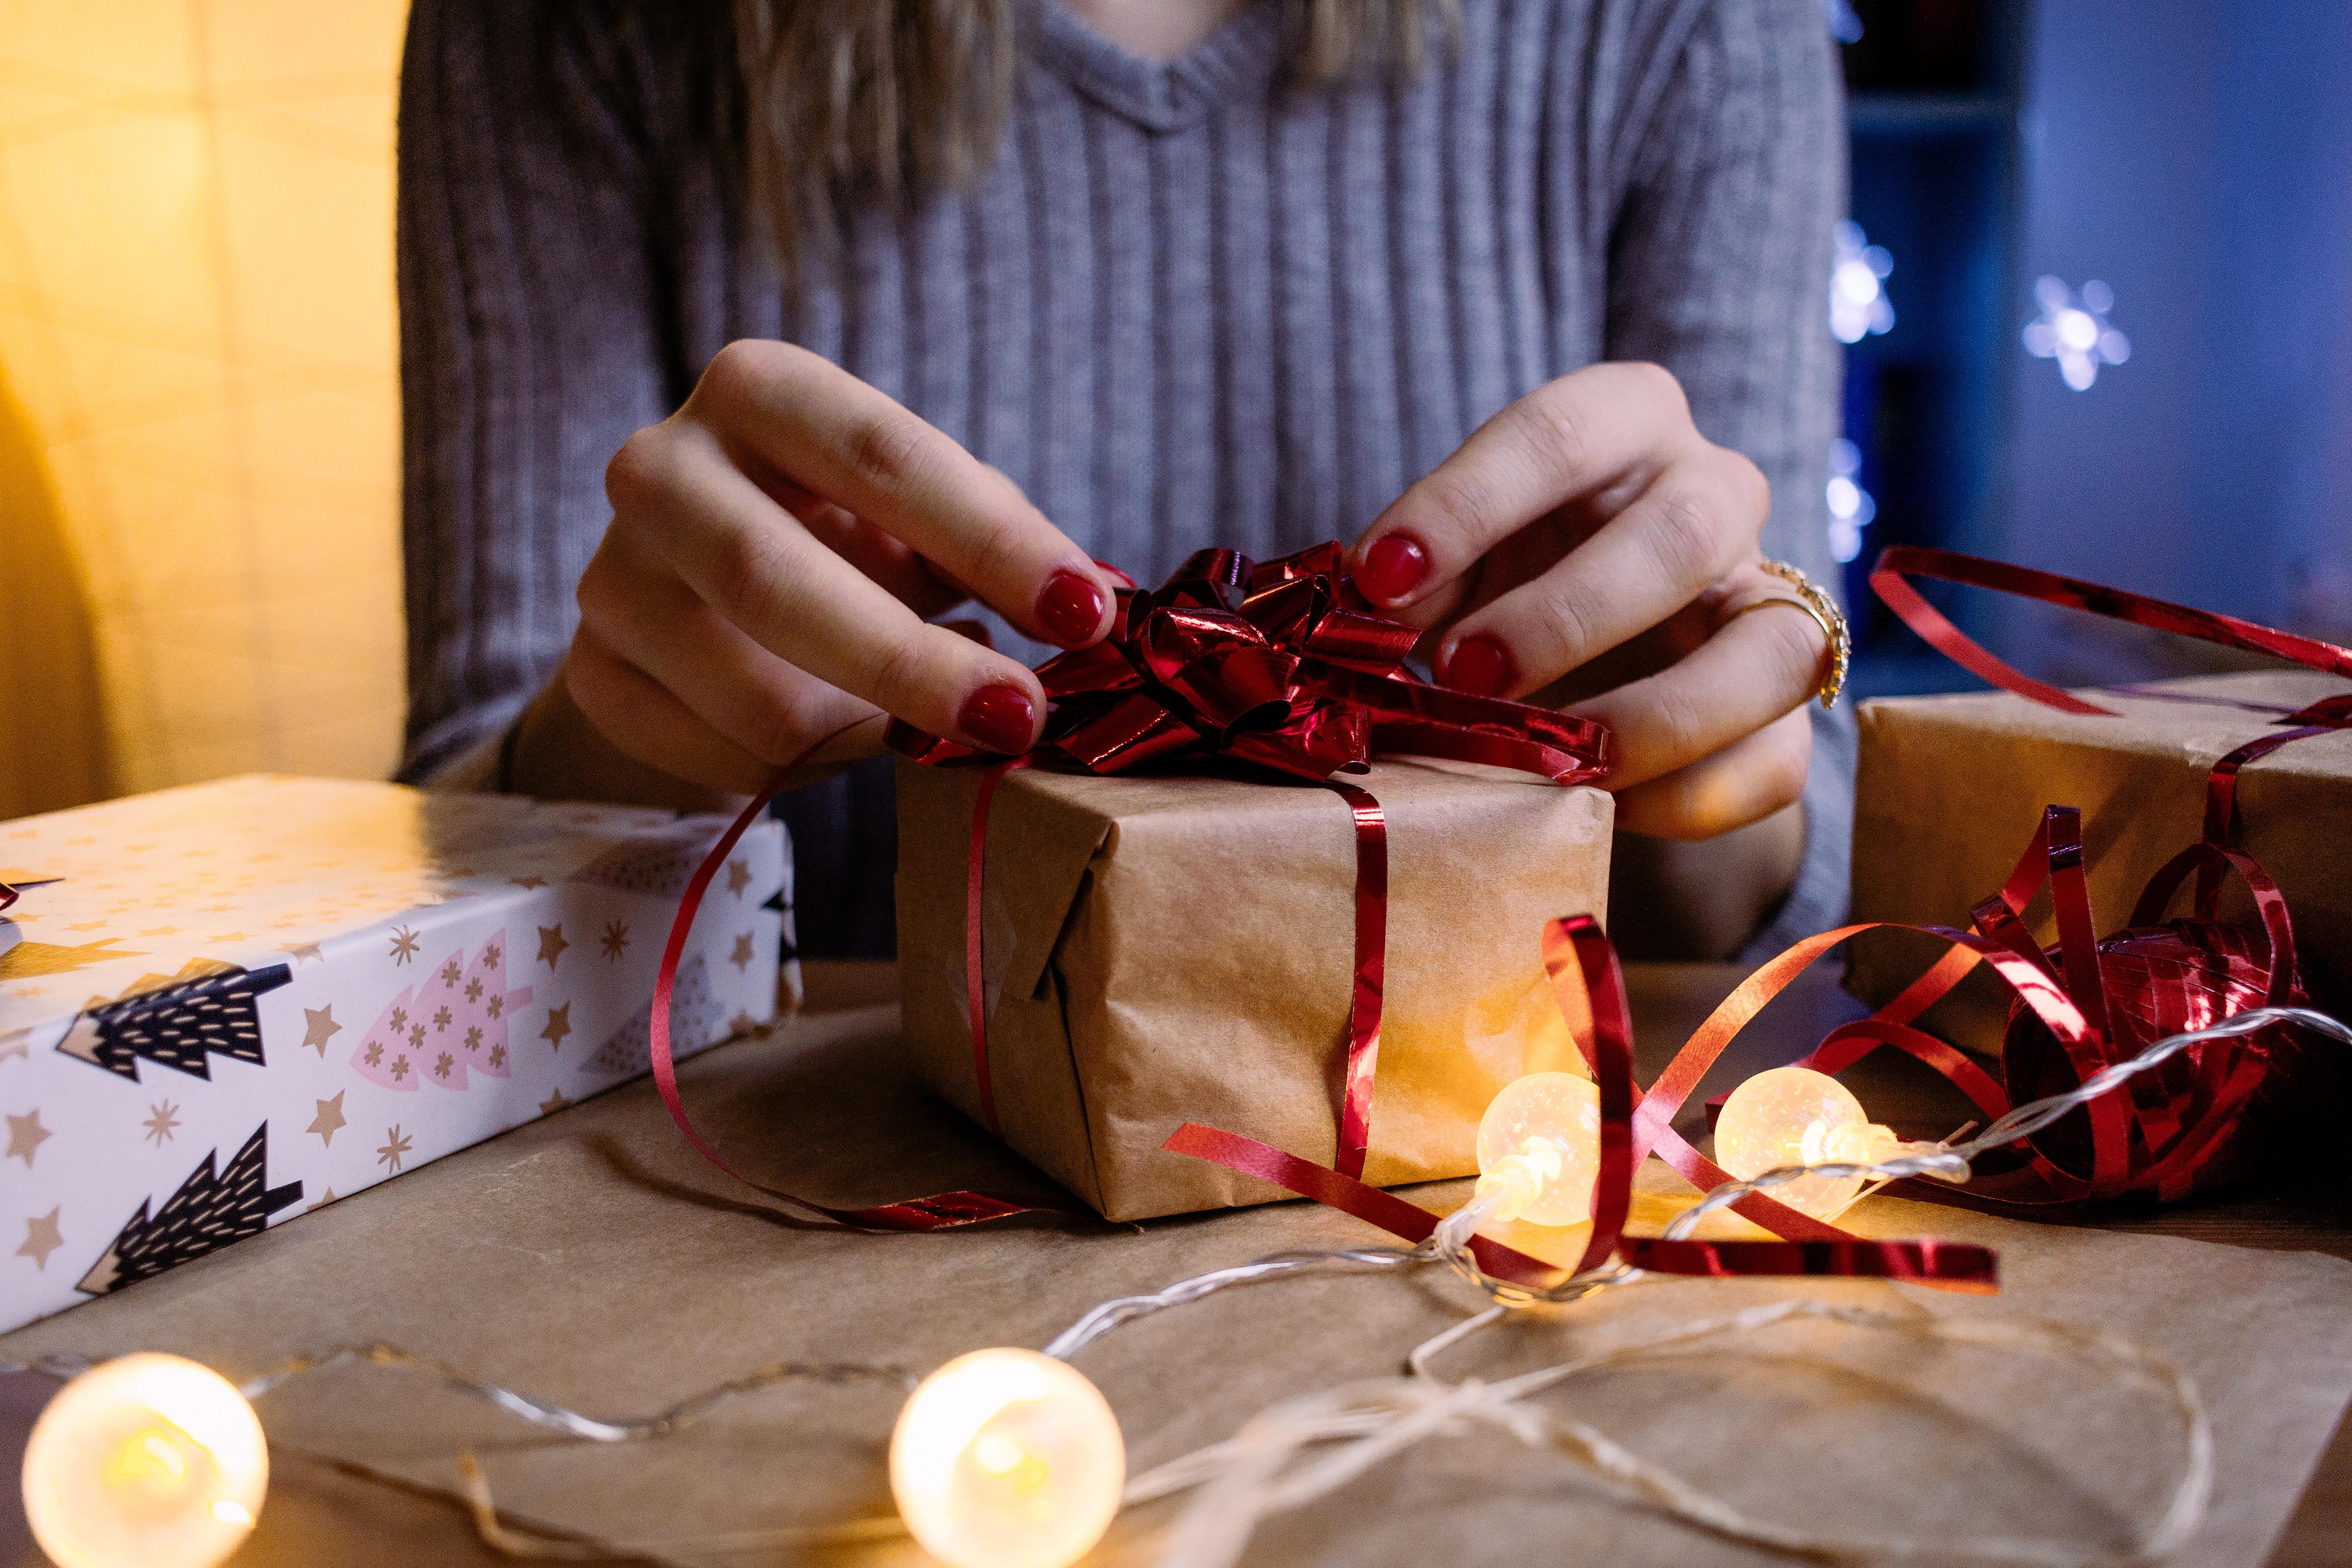 Присмотритесь: пожалуй, самая классная идея рождественского подарка этого года